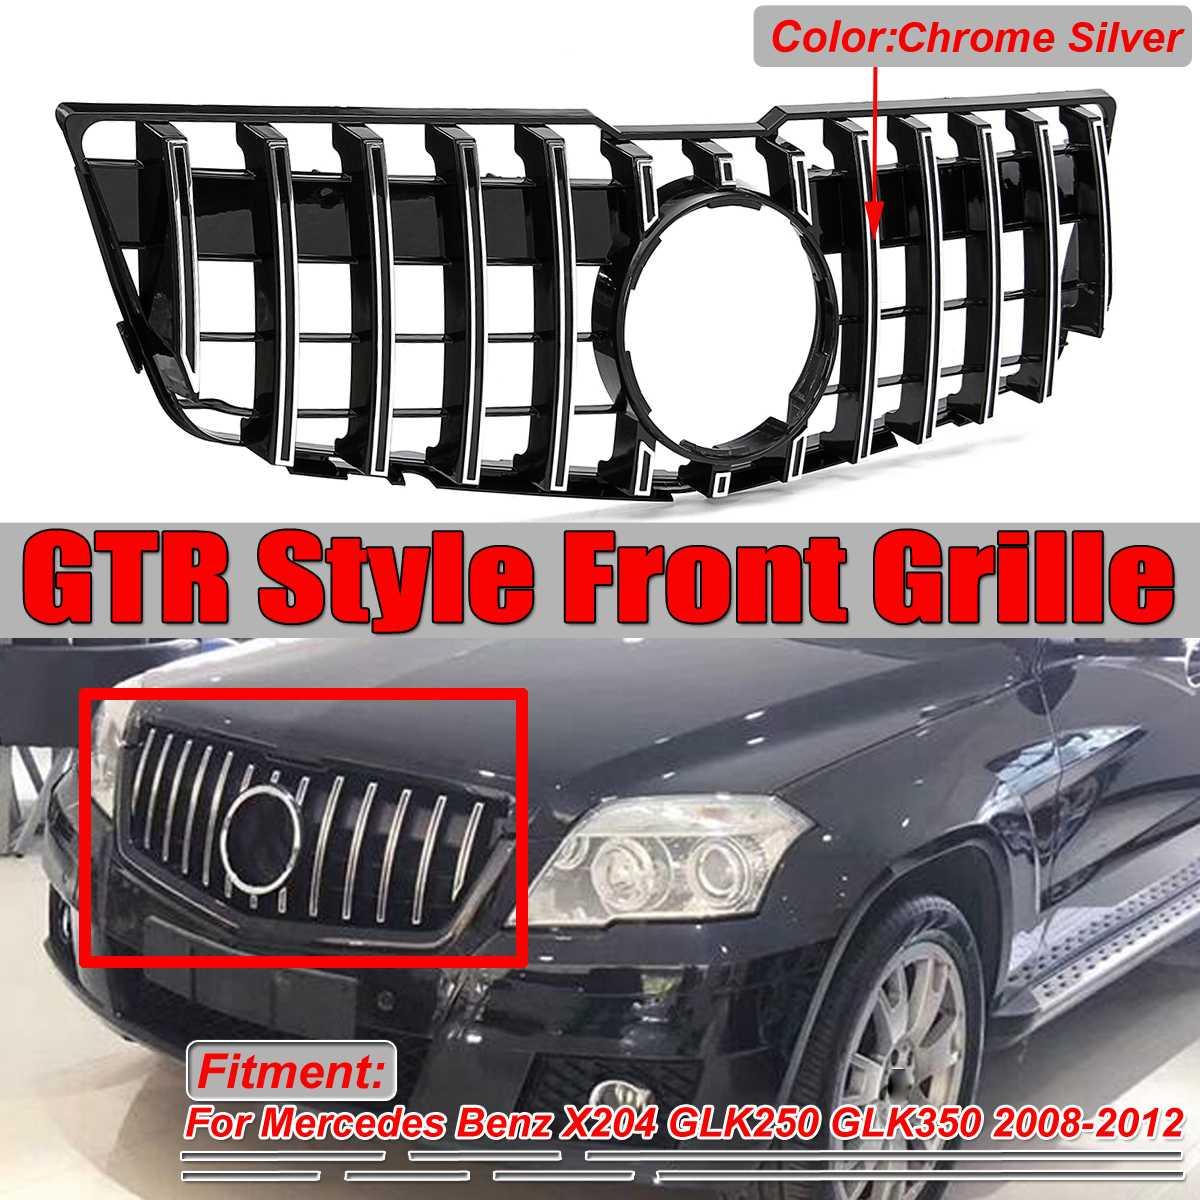 Новый X204 GT гриль GTR автомобильный передний бампер решетка гриль для Mercedes для Benz X204 GLK250 GLK350 2008 12 хромированные/черные гоночные грили